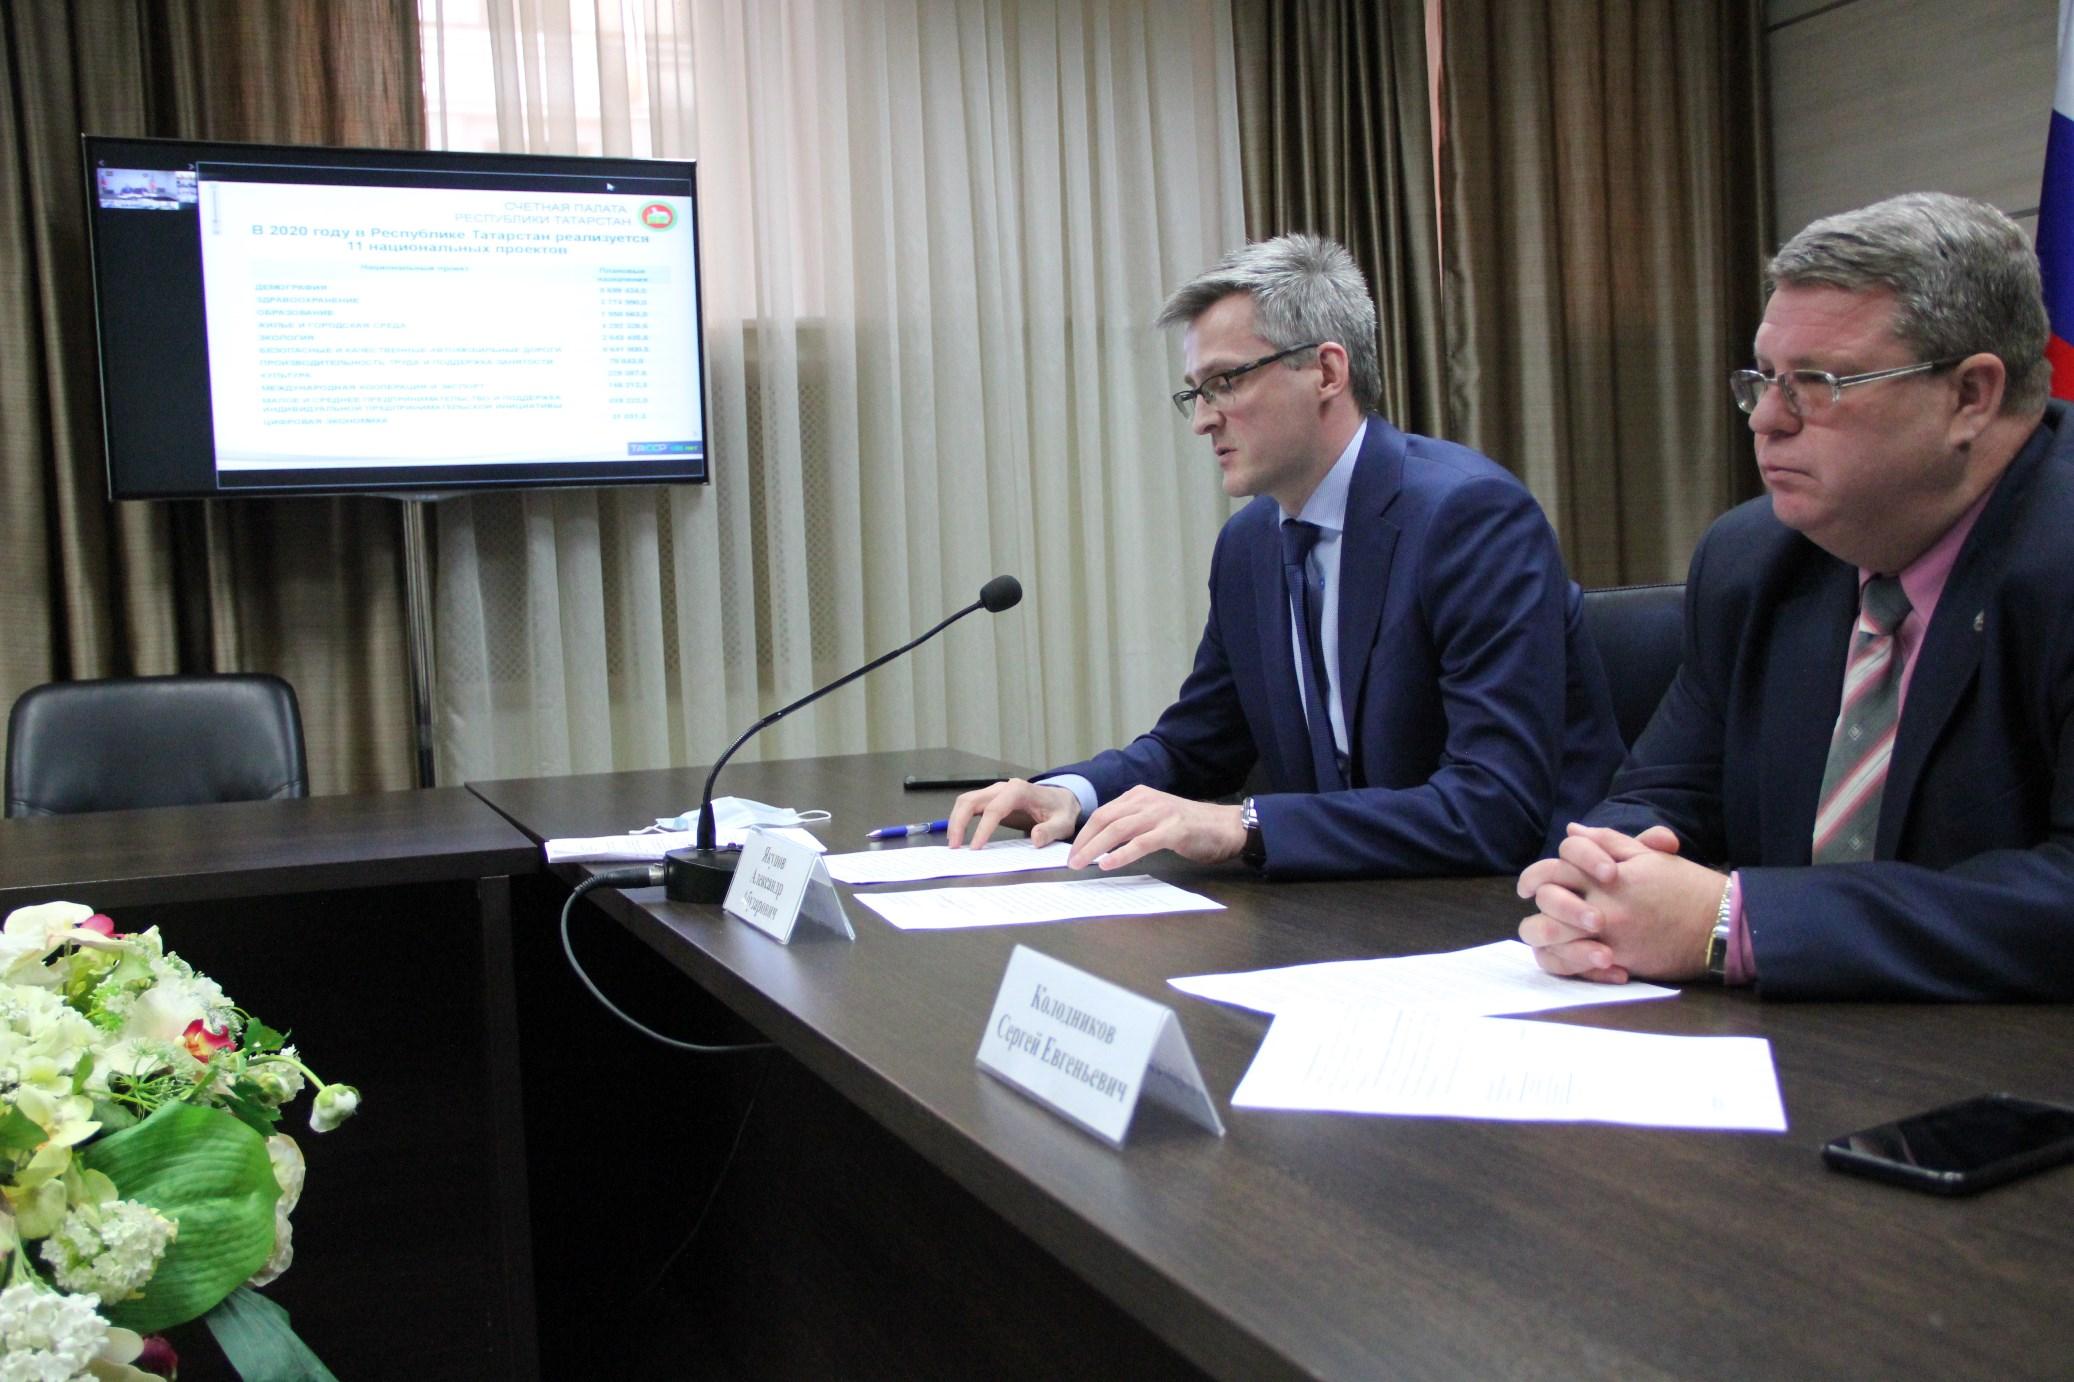 Круглый стол на тему «Основные инструменты анализа национальных проектов» (24 сентября 2020 г.)